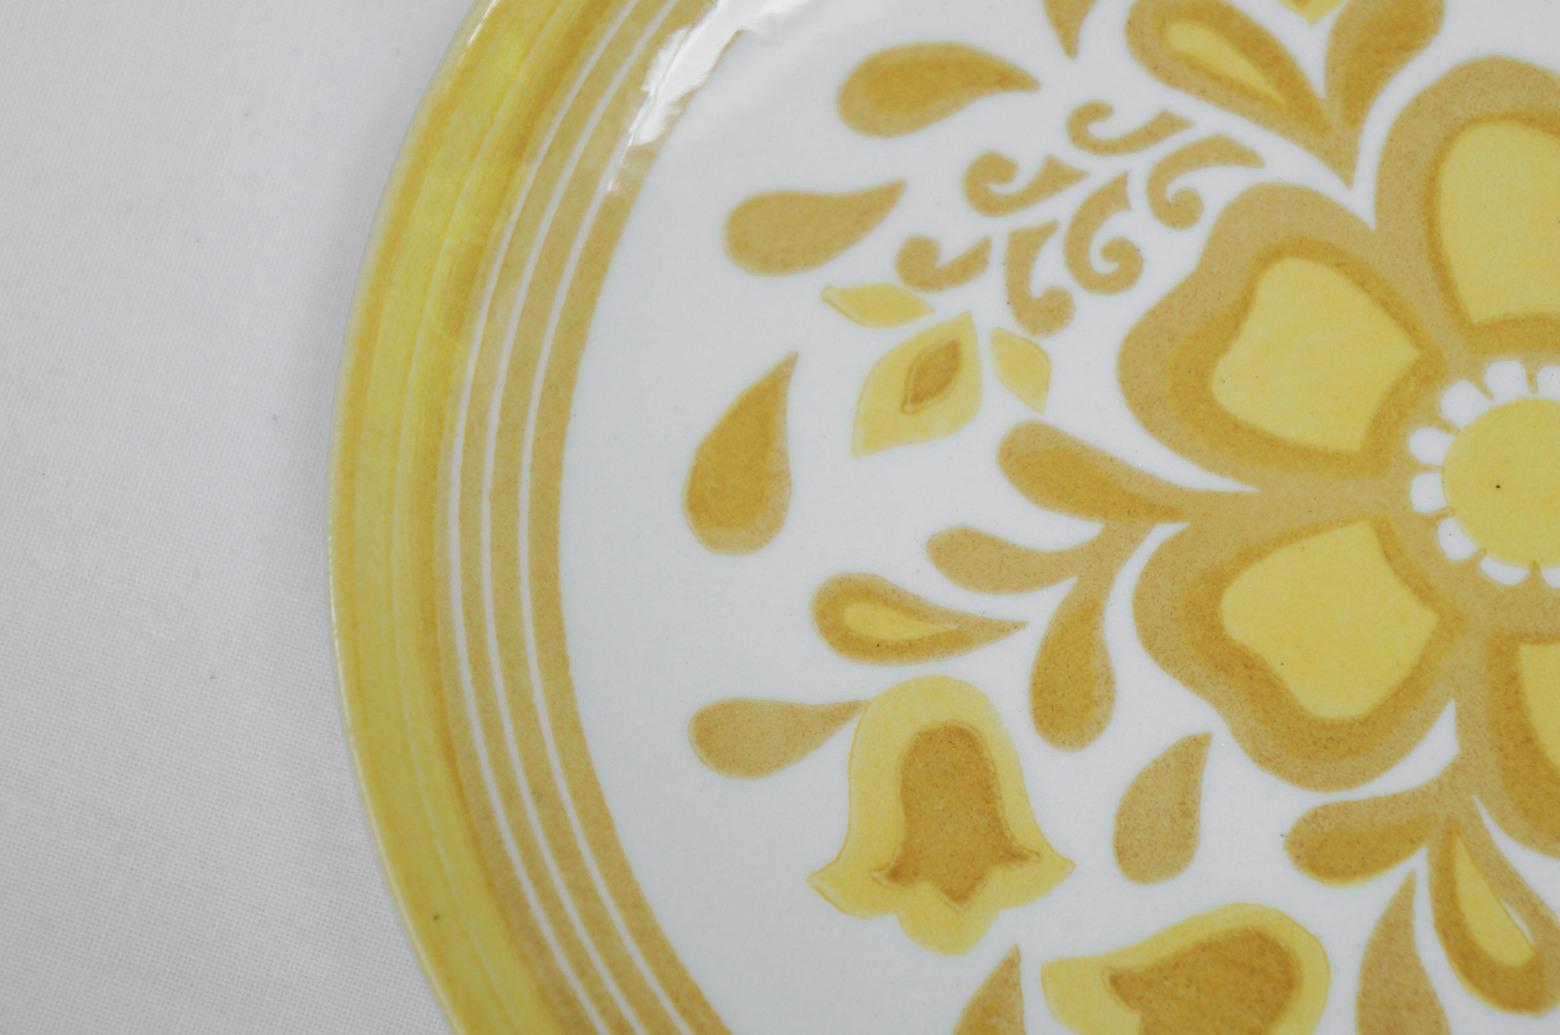 US Vintage Royal China Damsel Small Plate/アメリカ ヴィンテージ ロイヤルチャイナ ダムセル スモールプレート 食器 レトロ 5